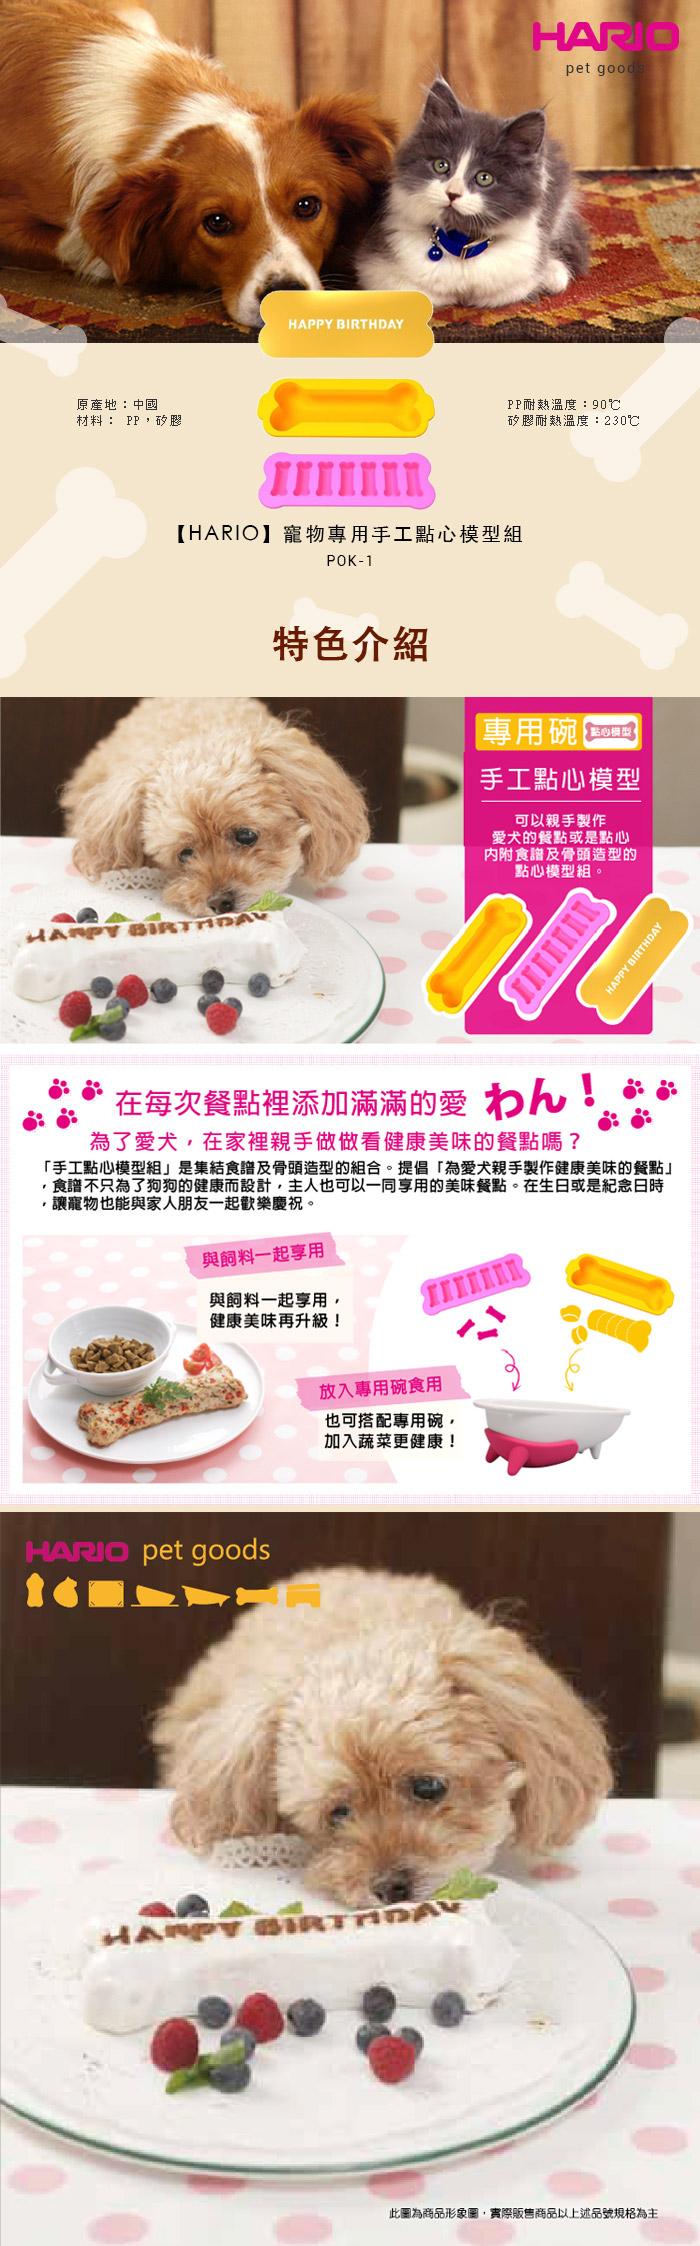 (複製)HARIO  狗狗專用小餐桌  PTS-WT-CBR